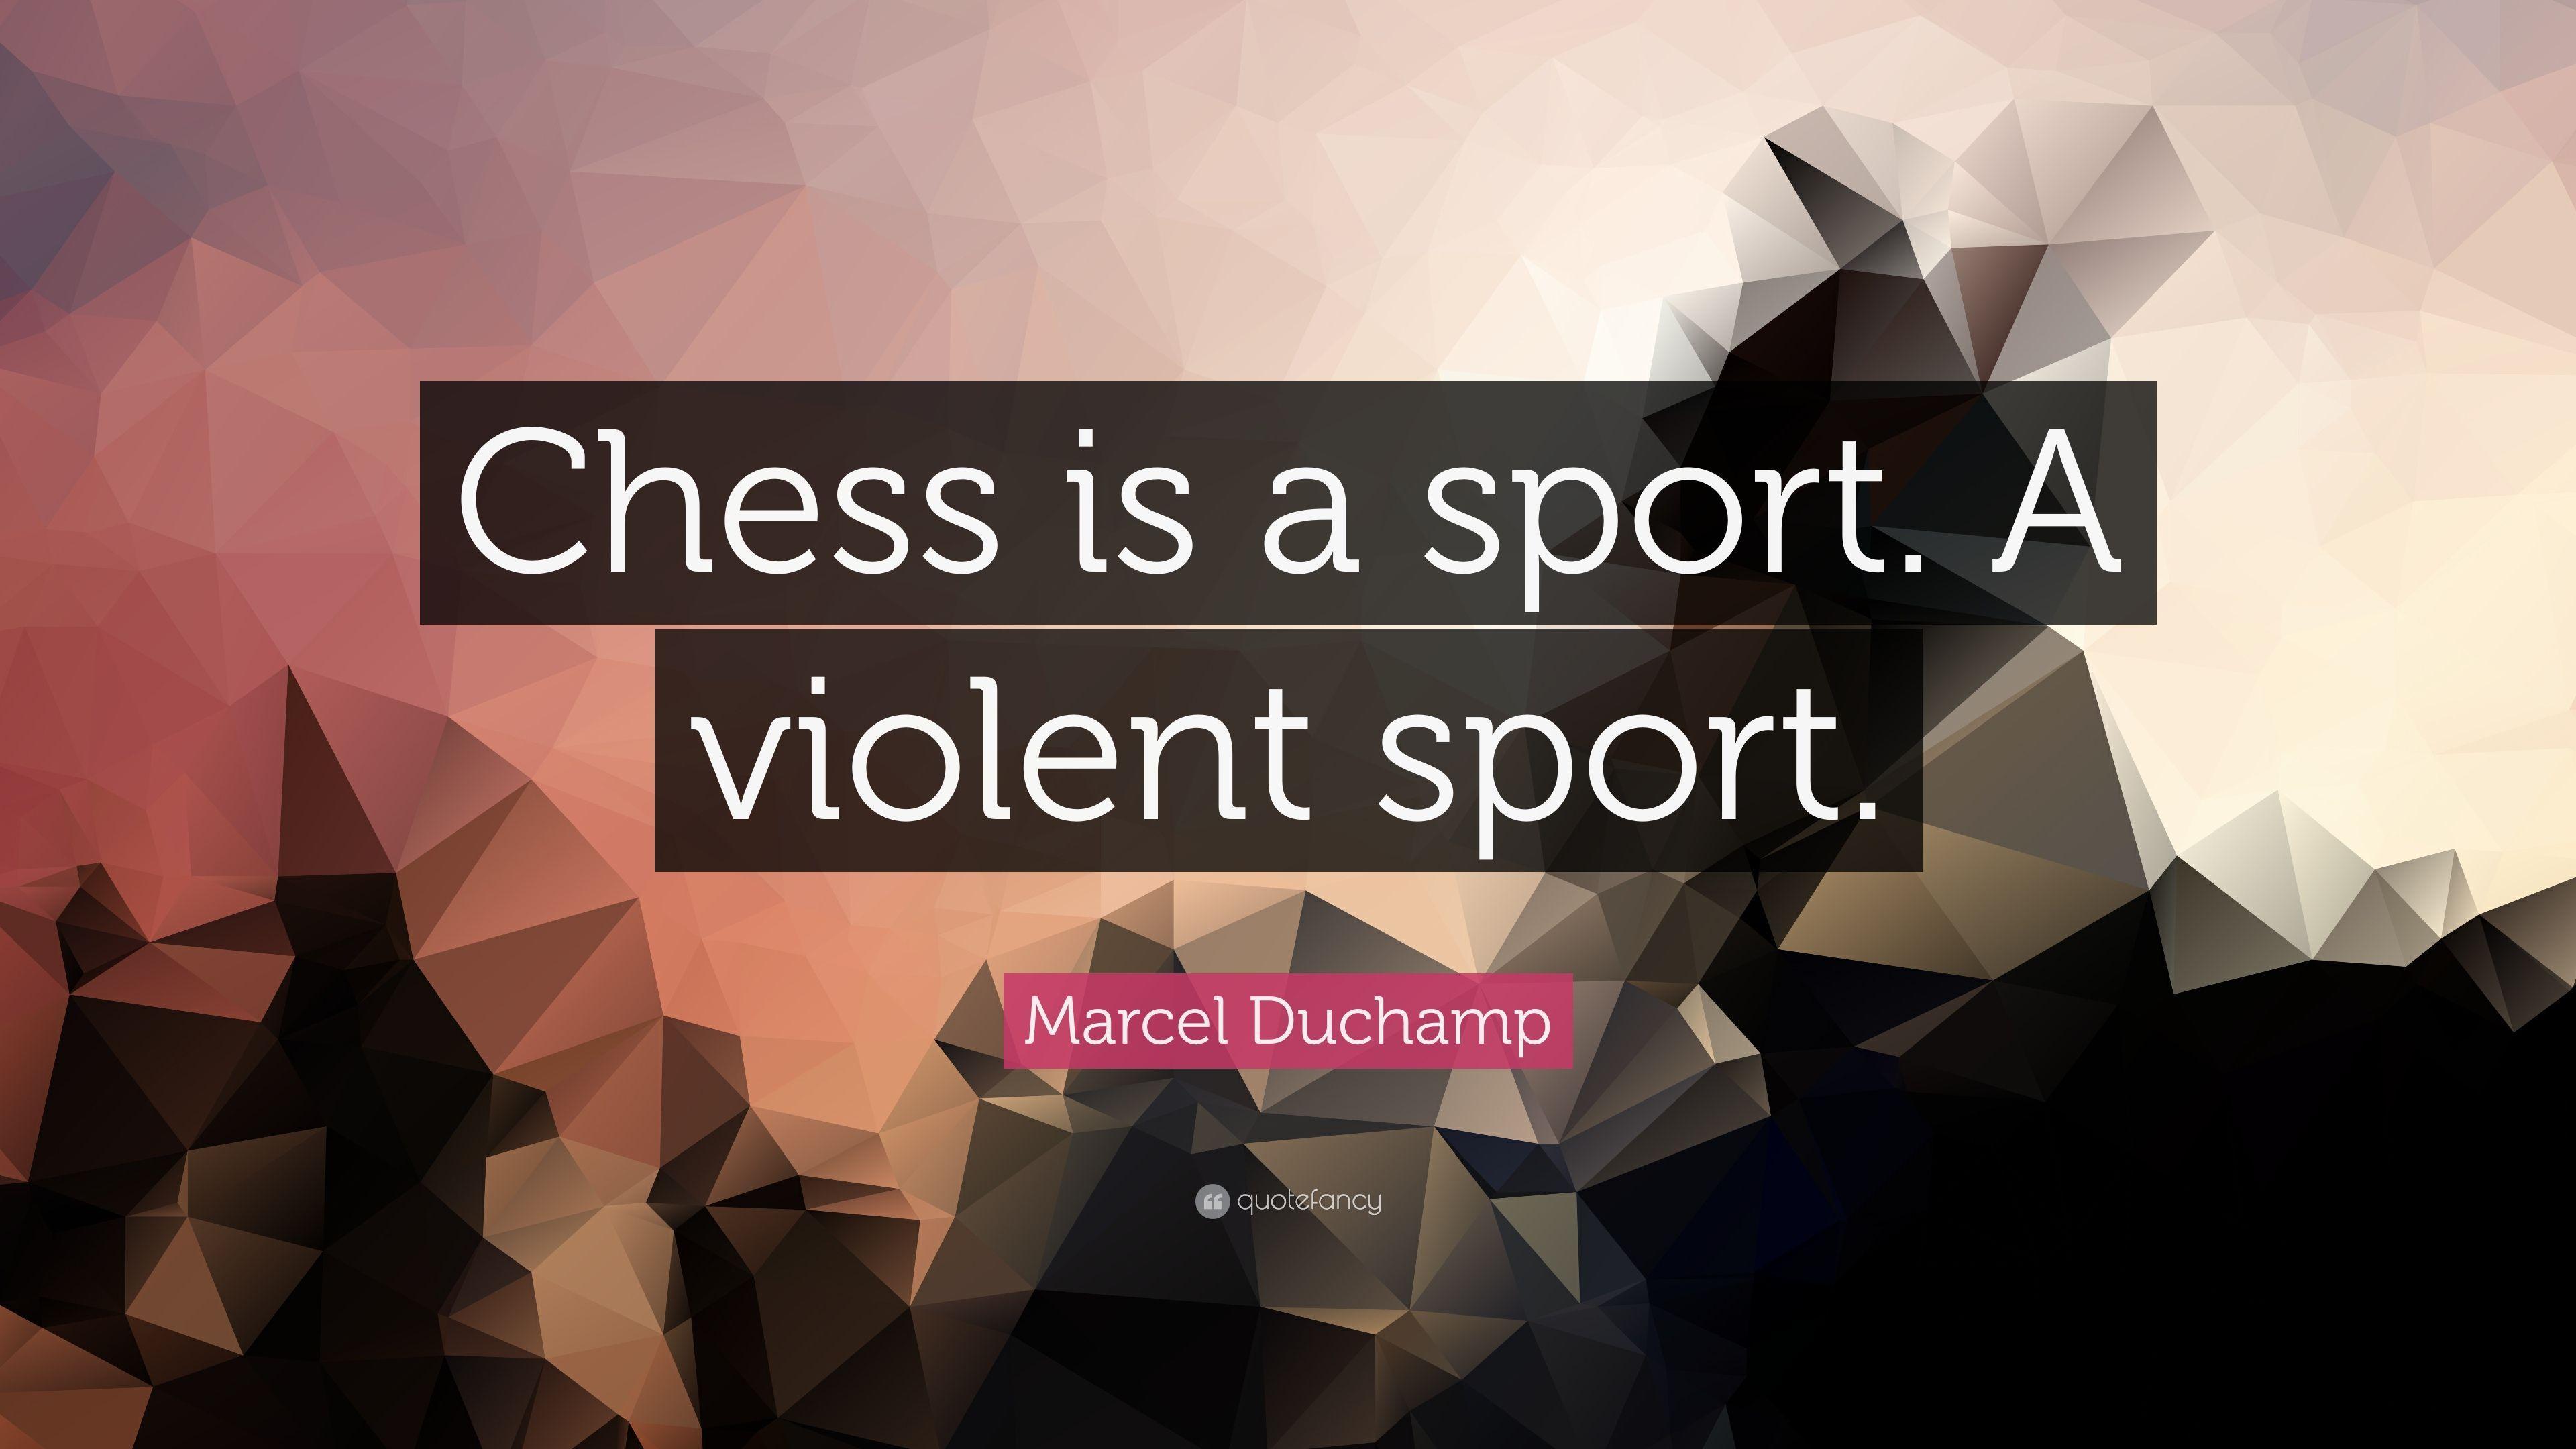 """3840x2160 Marcel Duchamp Trích dẫn: """"Cờ vua là một môn thể thao.  Một môn thể thao bạo lực"""